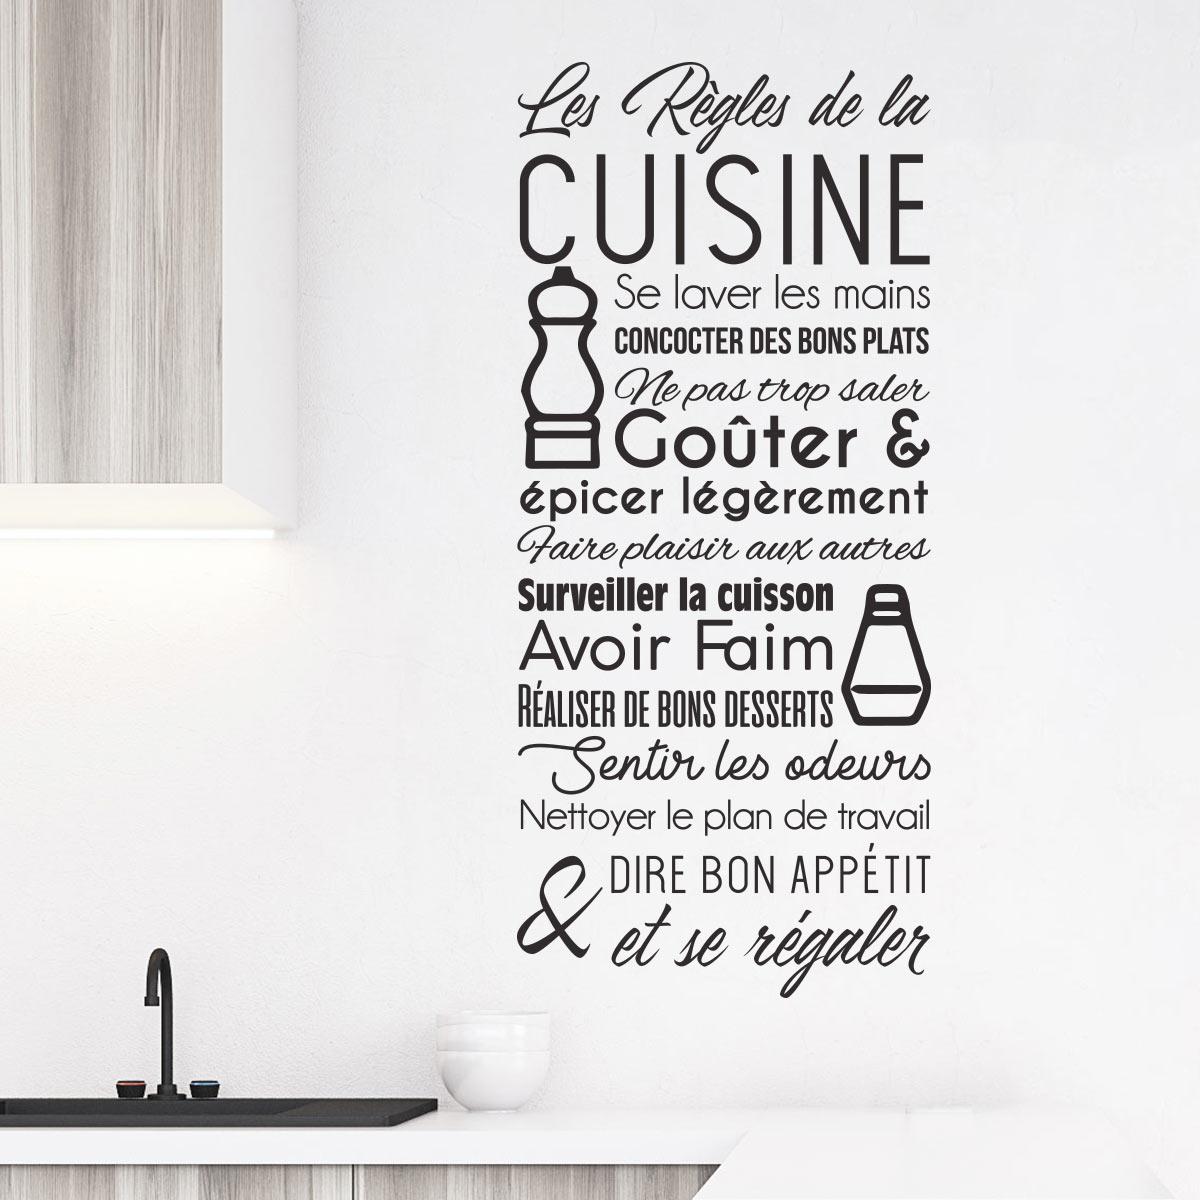 Sticker citation les r gles de la cuisine stickers citations fran ais ambiance sticker - Recette de cuisine drole ...